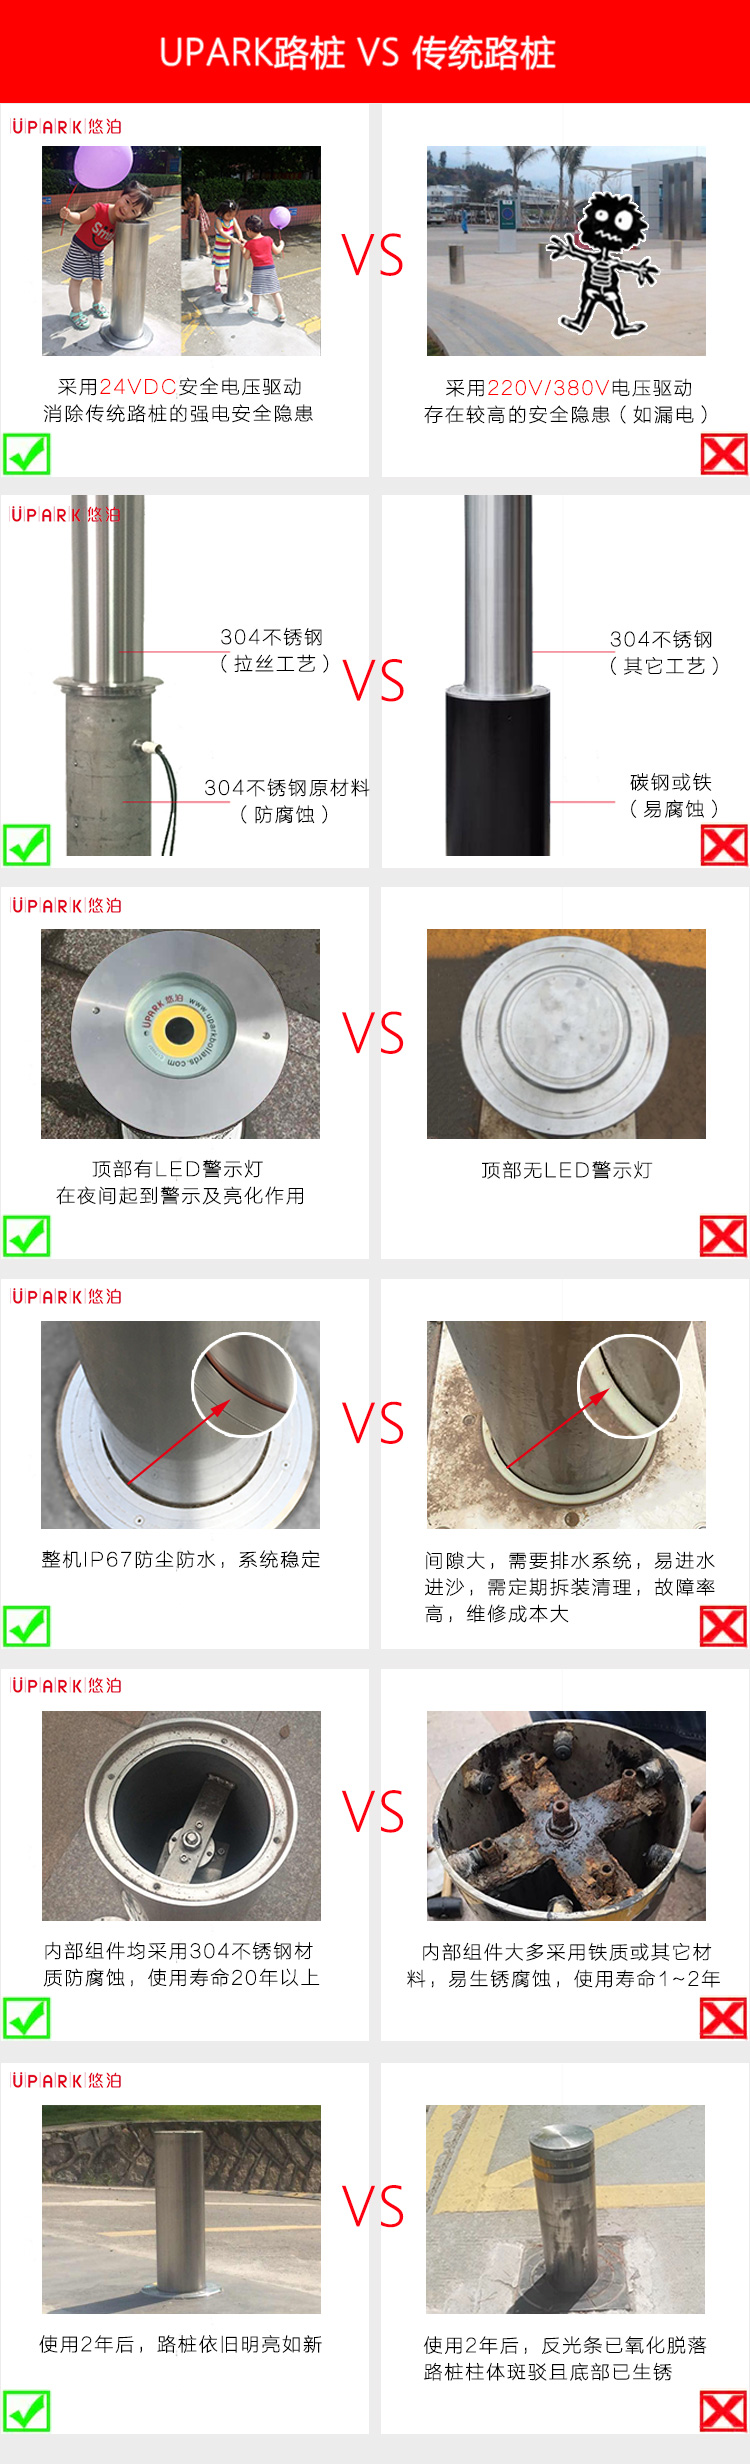 电动升降柱、气动升降柱和液压升降柱性能对比.jpg